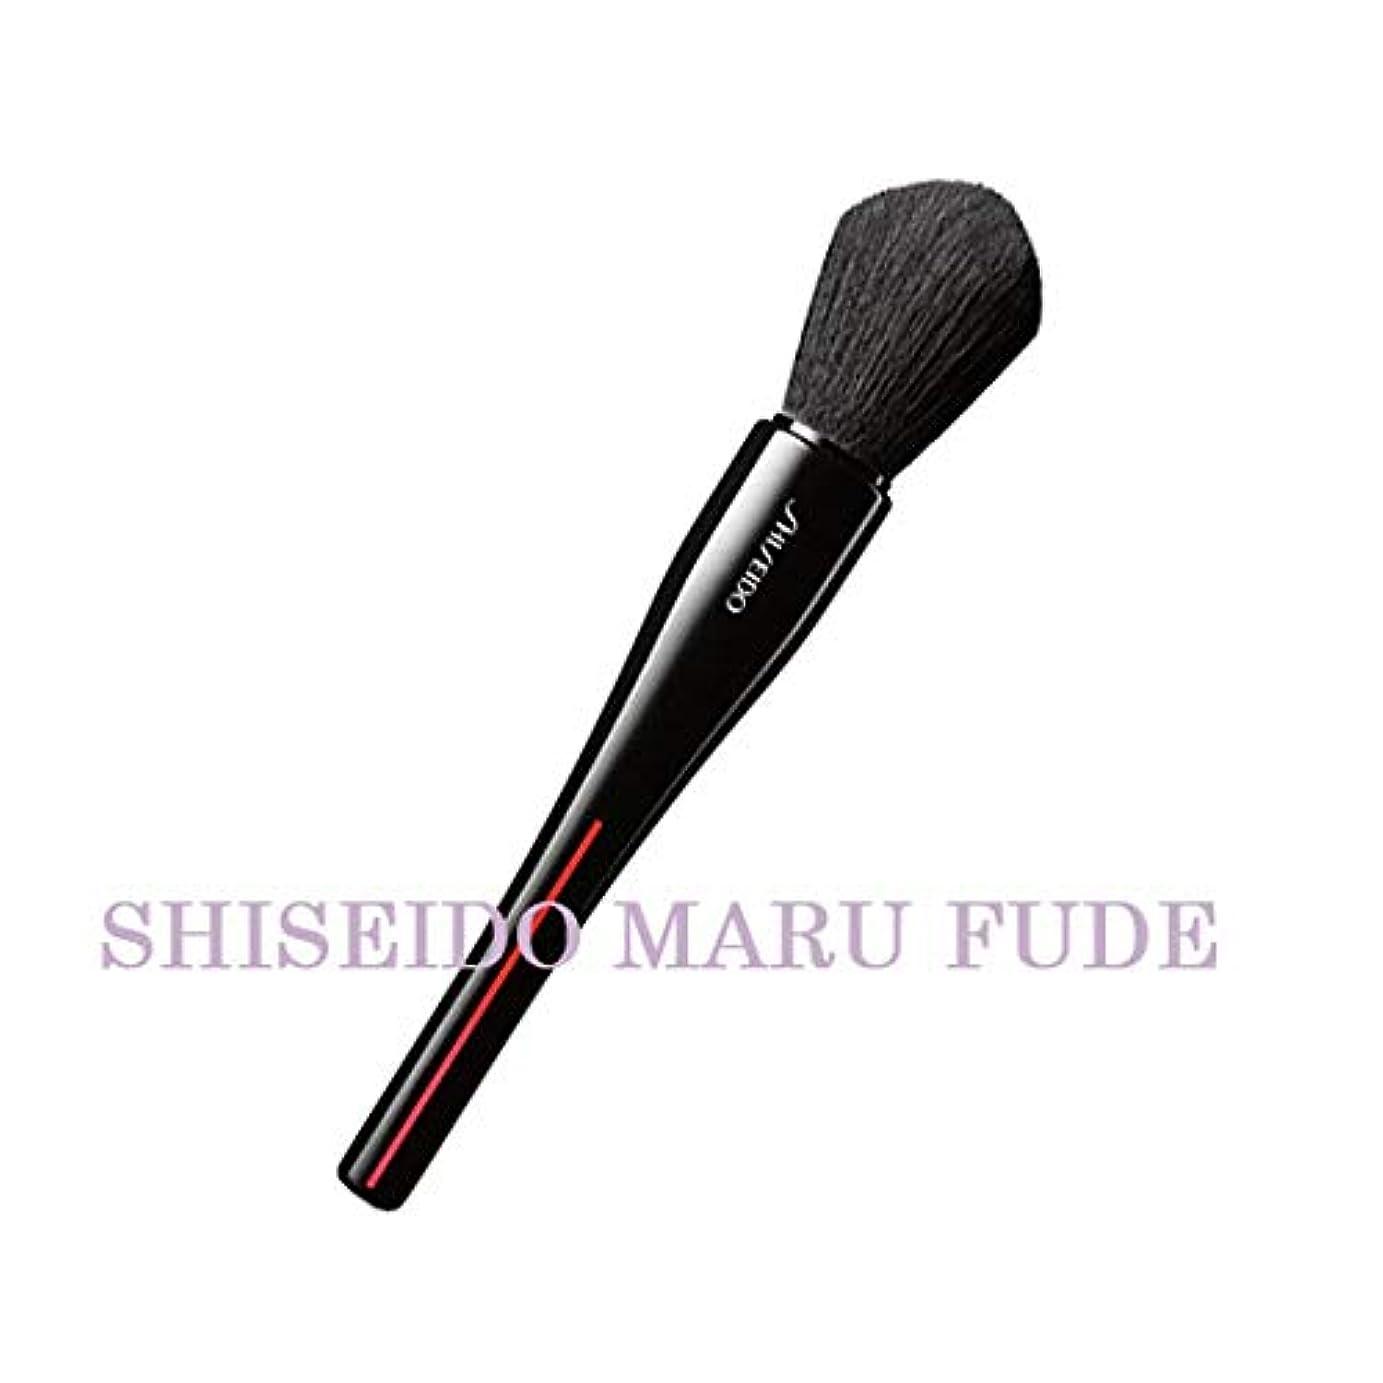 炎上約設定刈るSHISEIDO Makeup(資生堂 メーキャップ) SHISEIDO(資生堂) SHISEIDO MARU FUDE マルチ フェイスブラシ